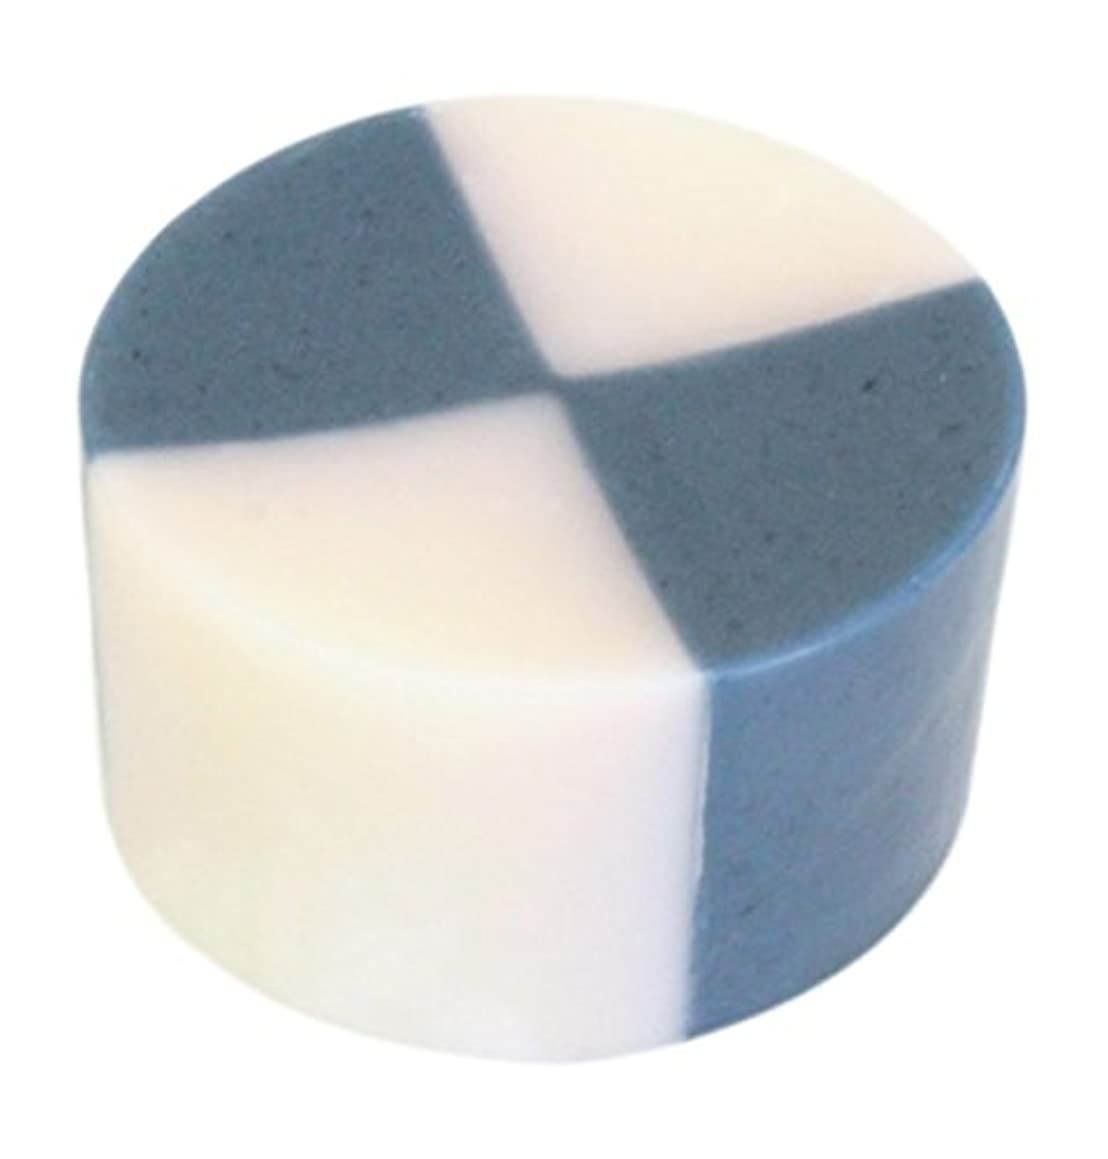 曲げる保育園外交官藍色工房 藍染め石けん「いちまつ」(60g)